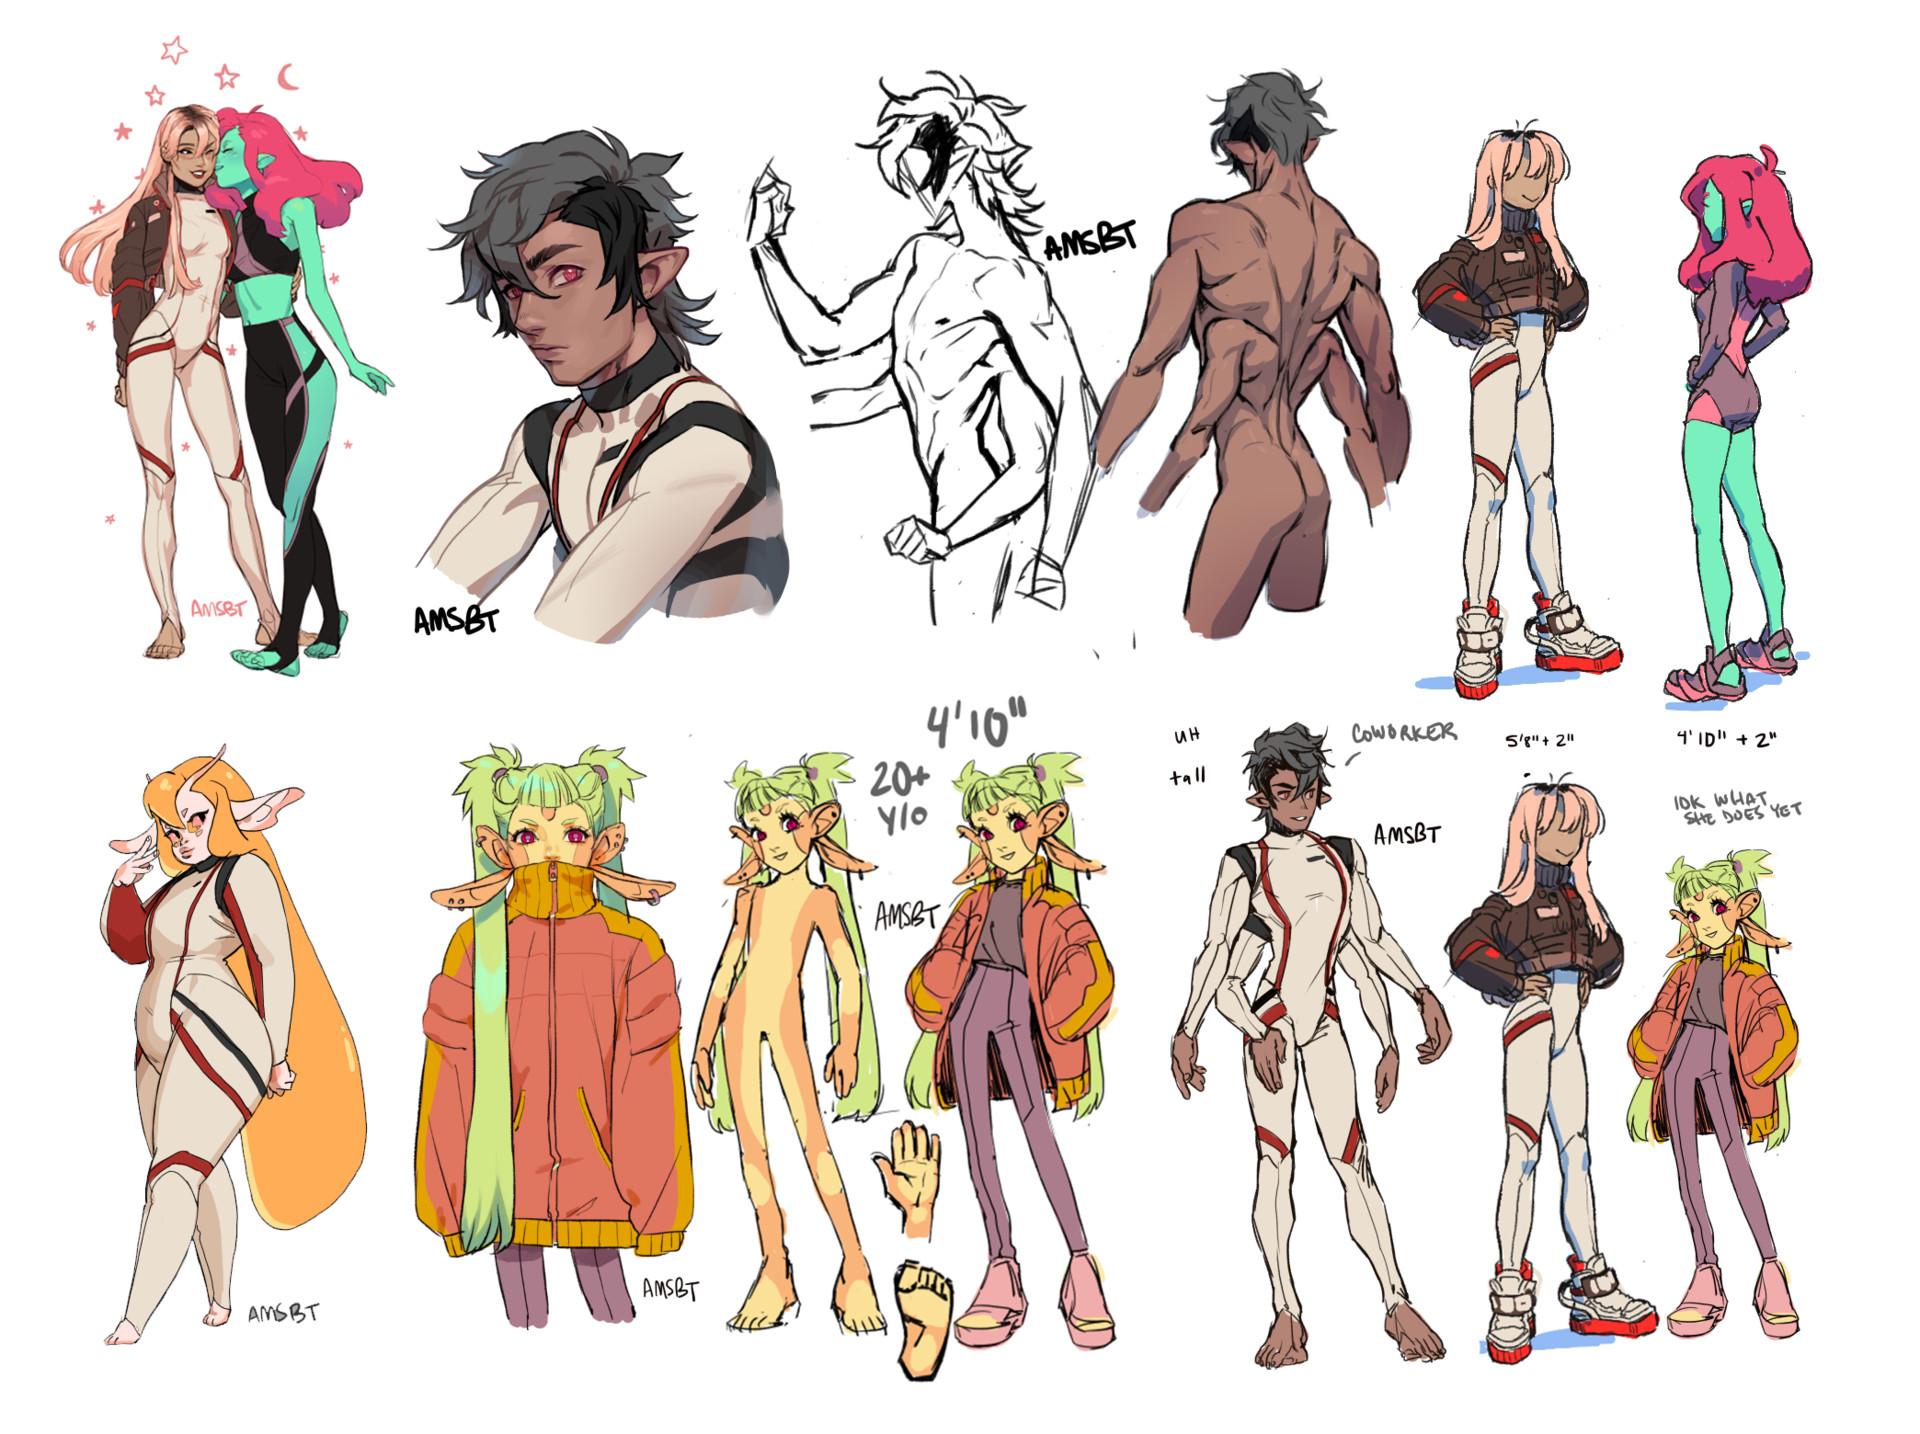 Character Design An Artist Resource : Manda schank various character designs